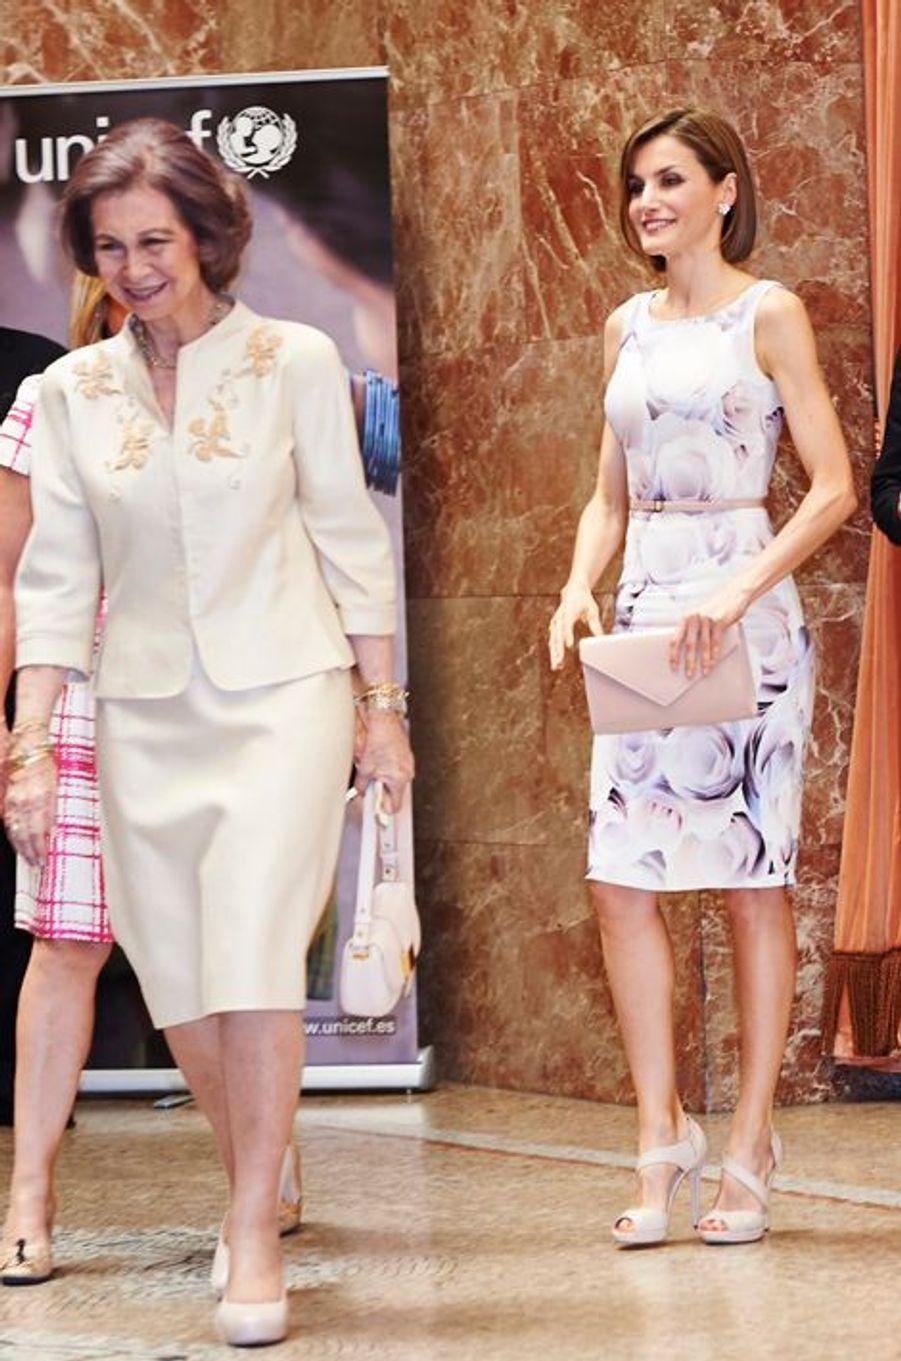 La reine Letizia et l'ex-reine Sofia d'Espagne à la remise des prix de l'Unicef à Madrid, le 23 juin 2015